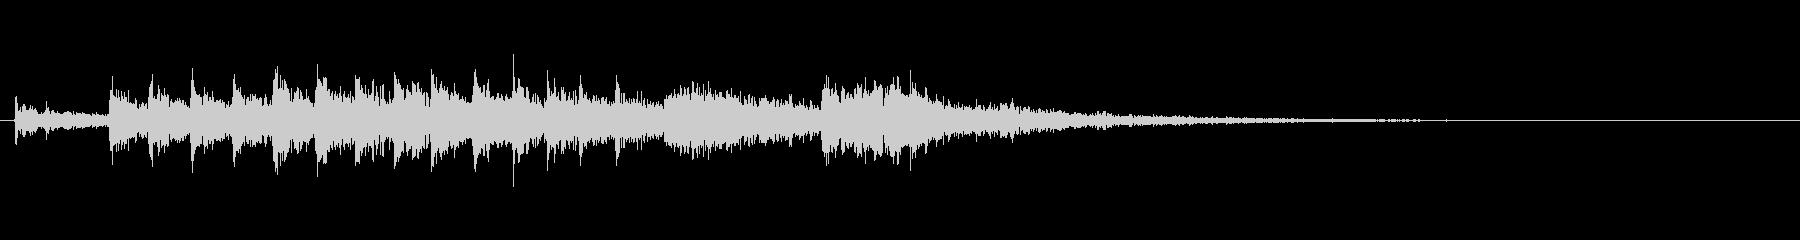 ハロウィン/ホラーの不気味な笑い声!02の未再生の波形